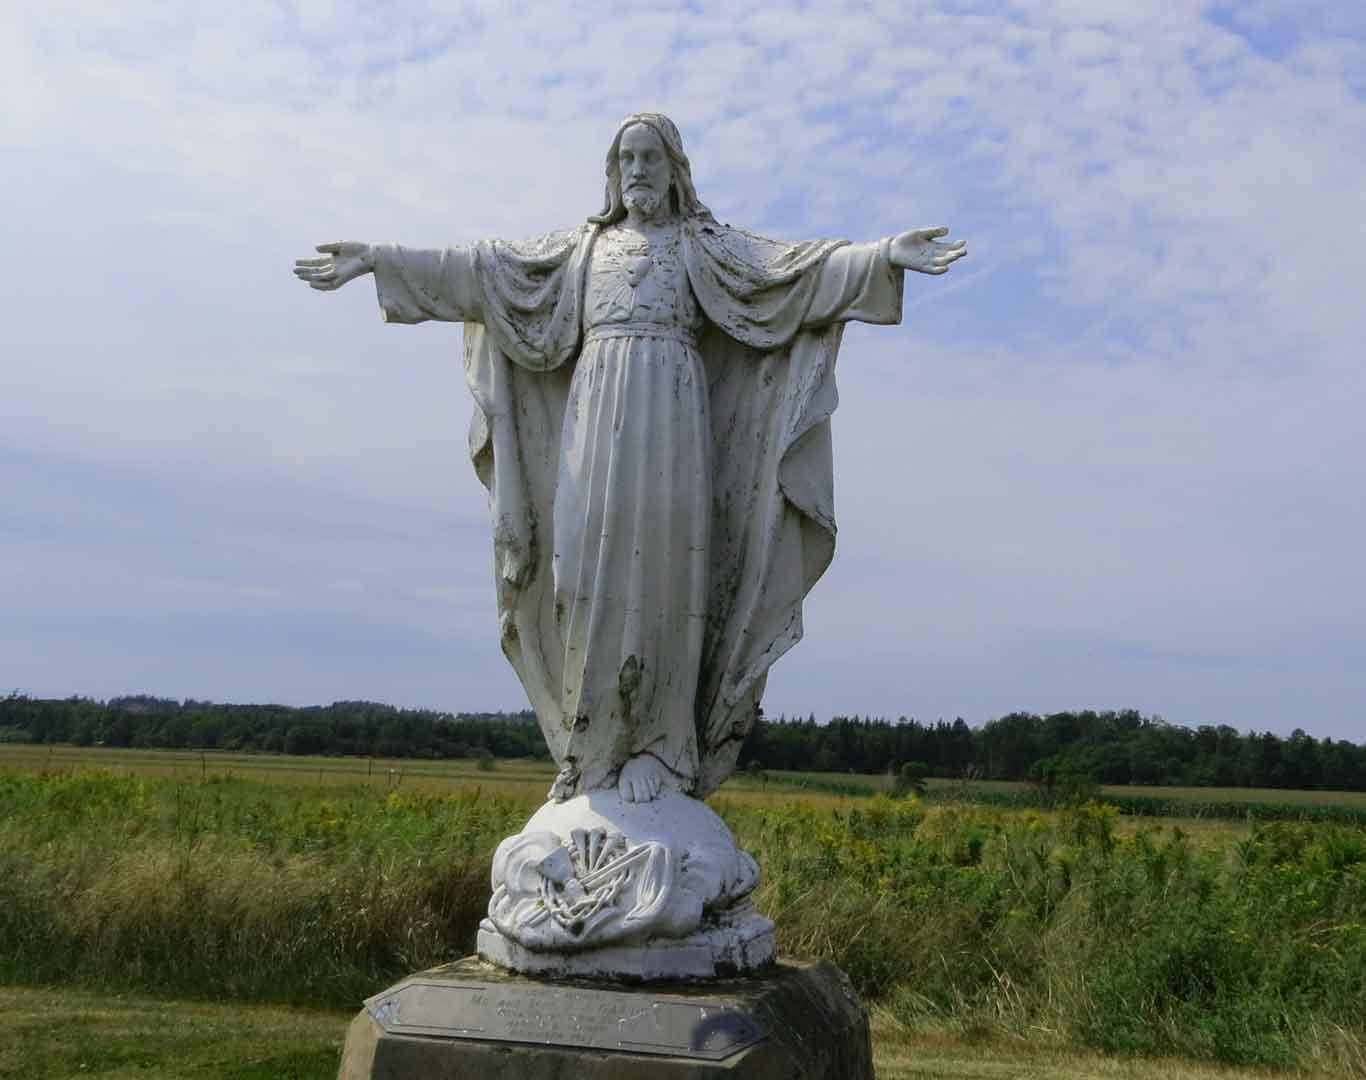 Wallpaper wallpaper named Jesus Christ Statue Wallpaper It has been 1366x1080